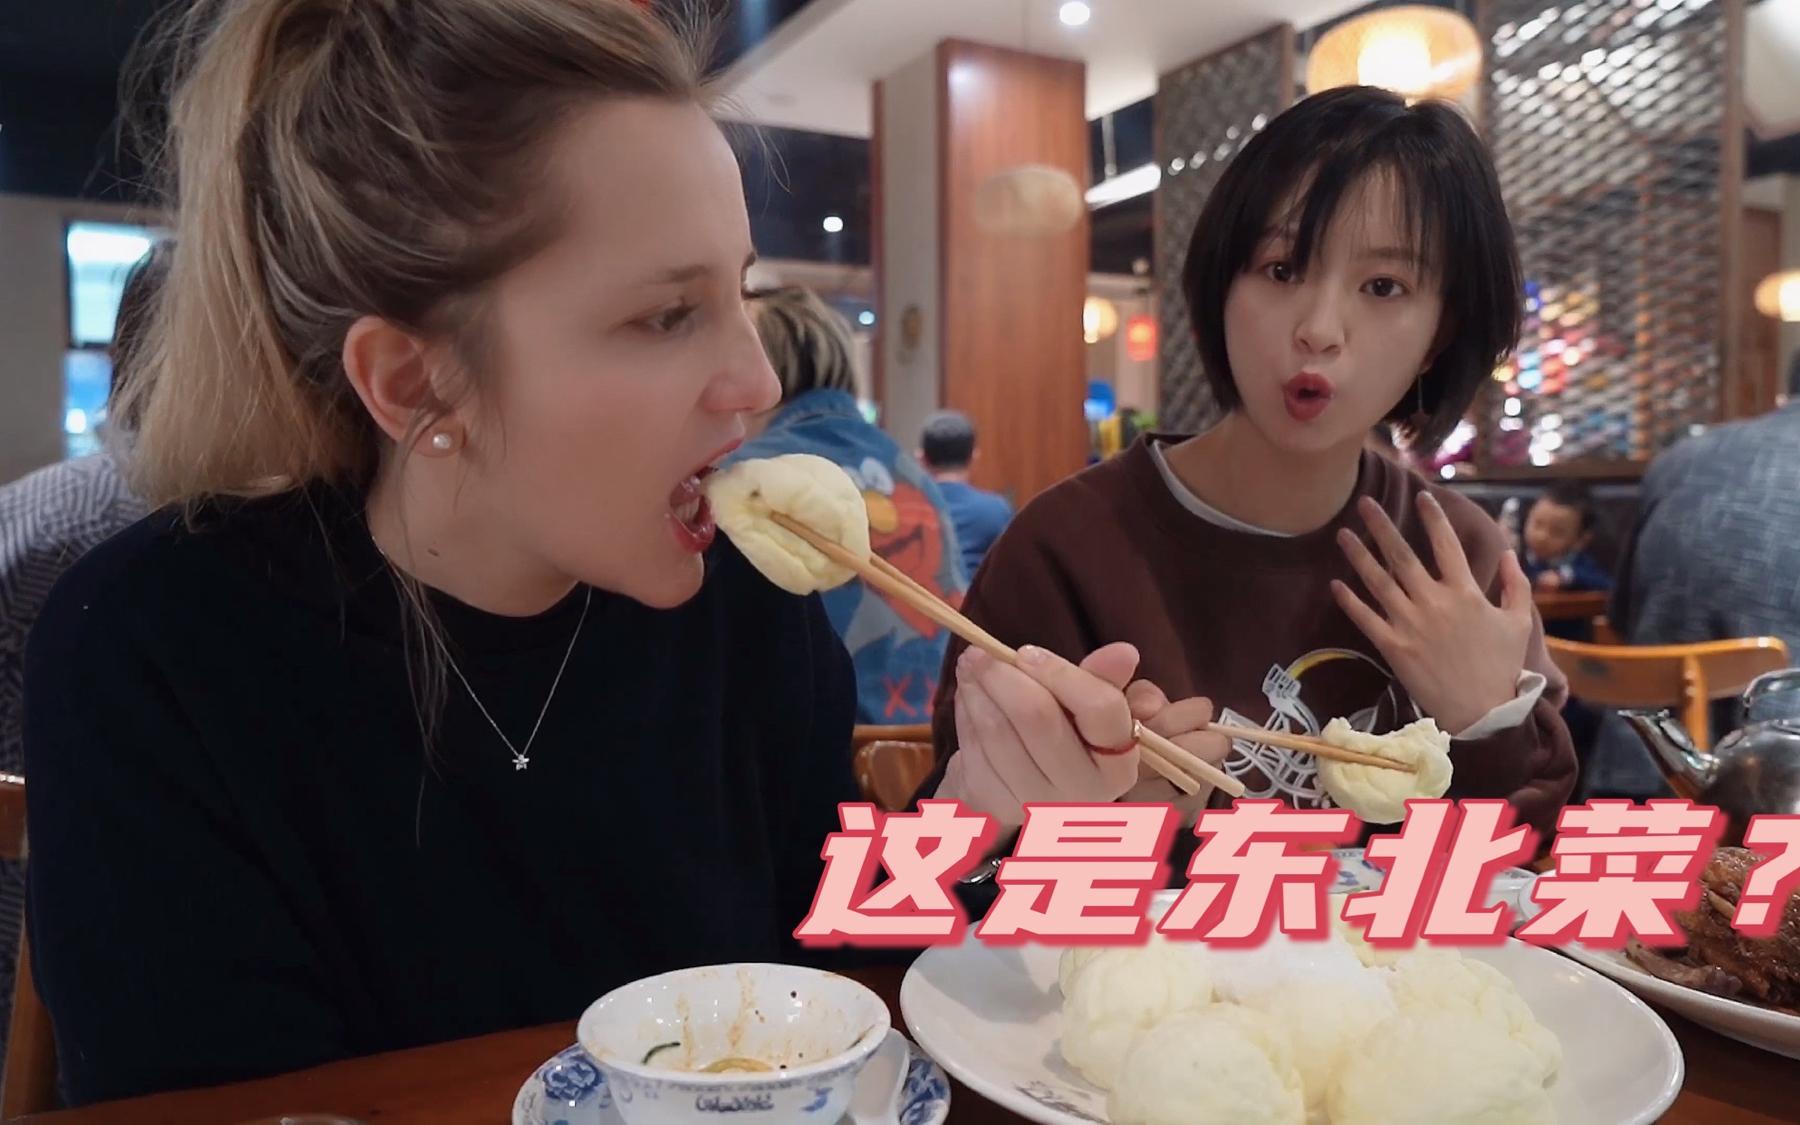 外国女孩和南方姑娘第一次来东北,体验东北美食,原来东北吃这些